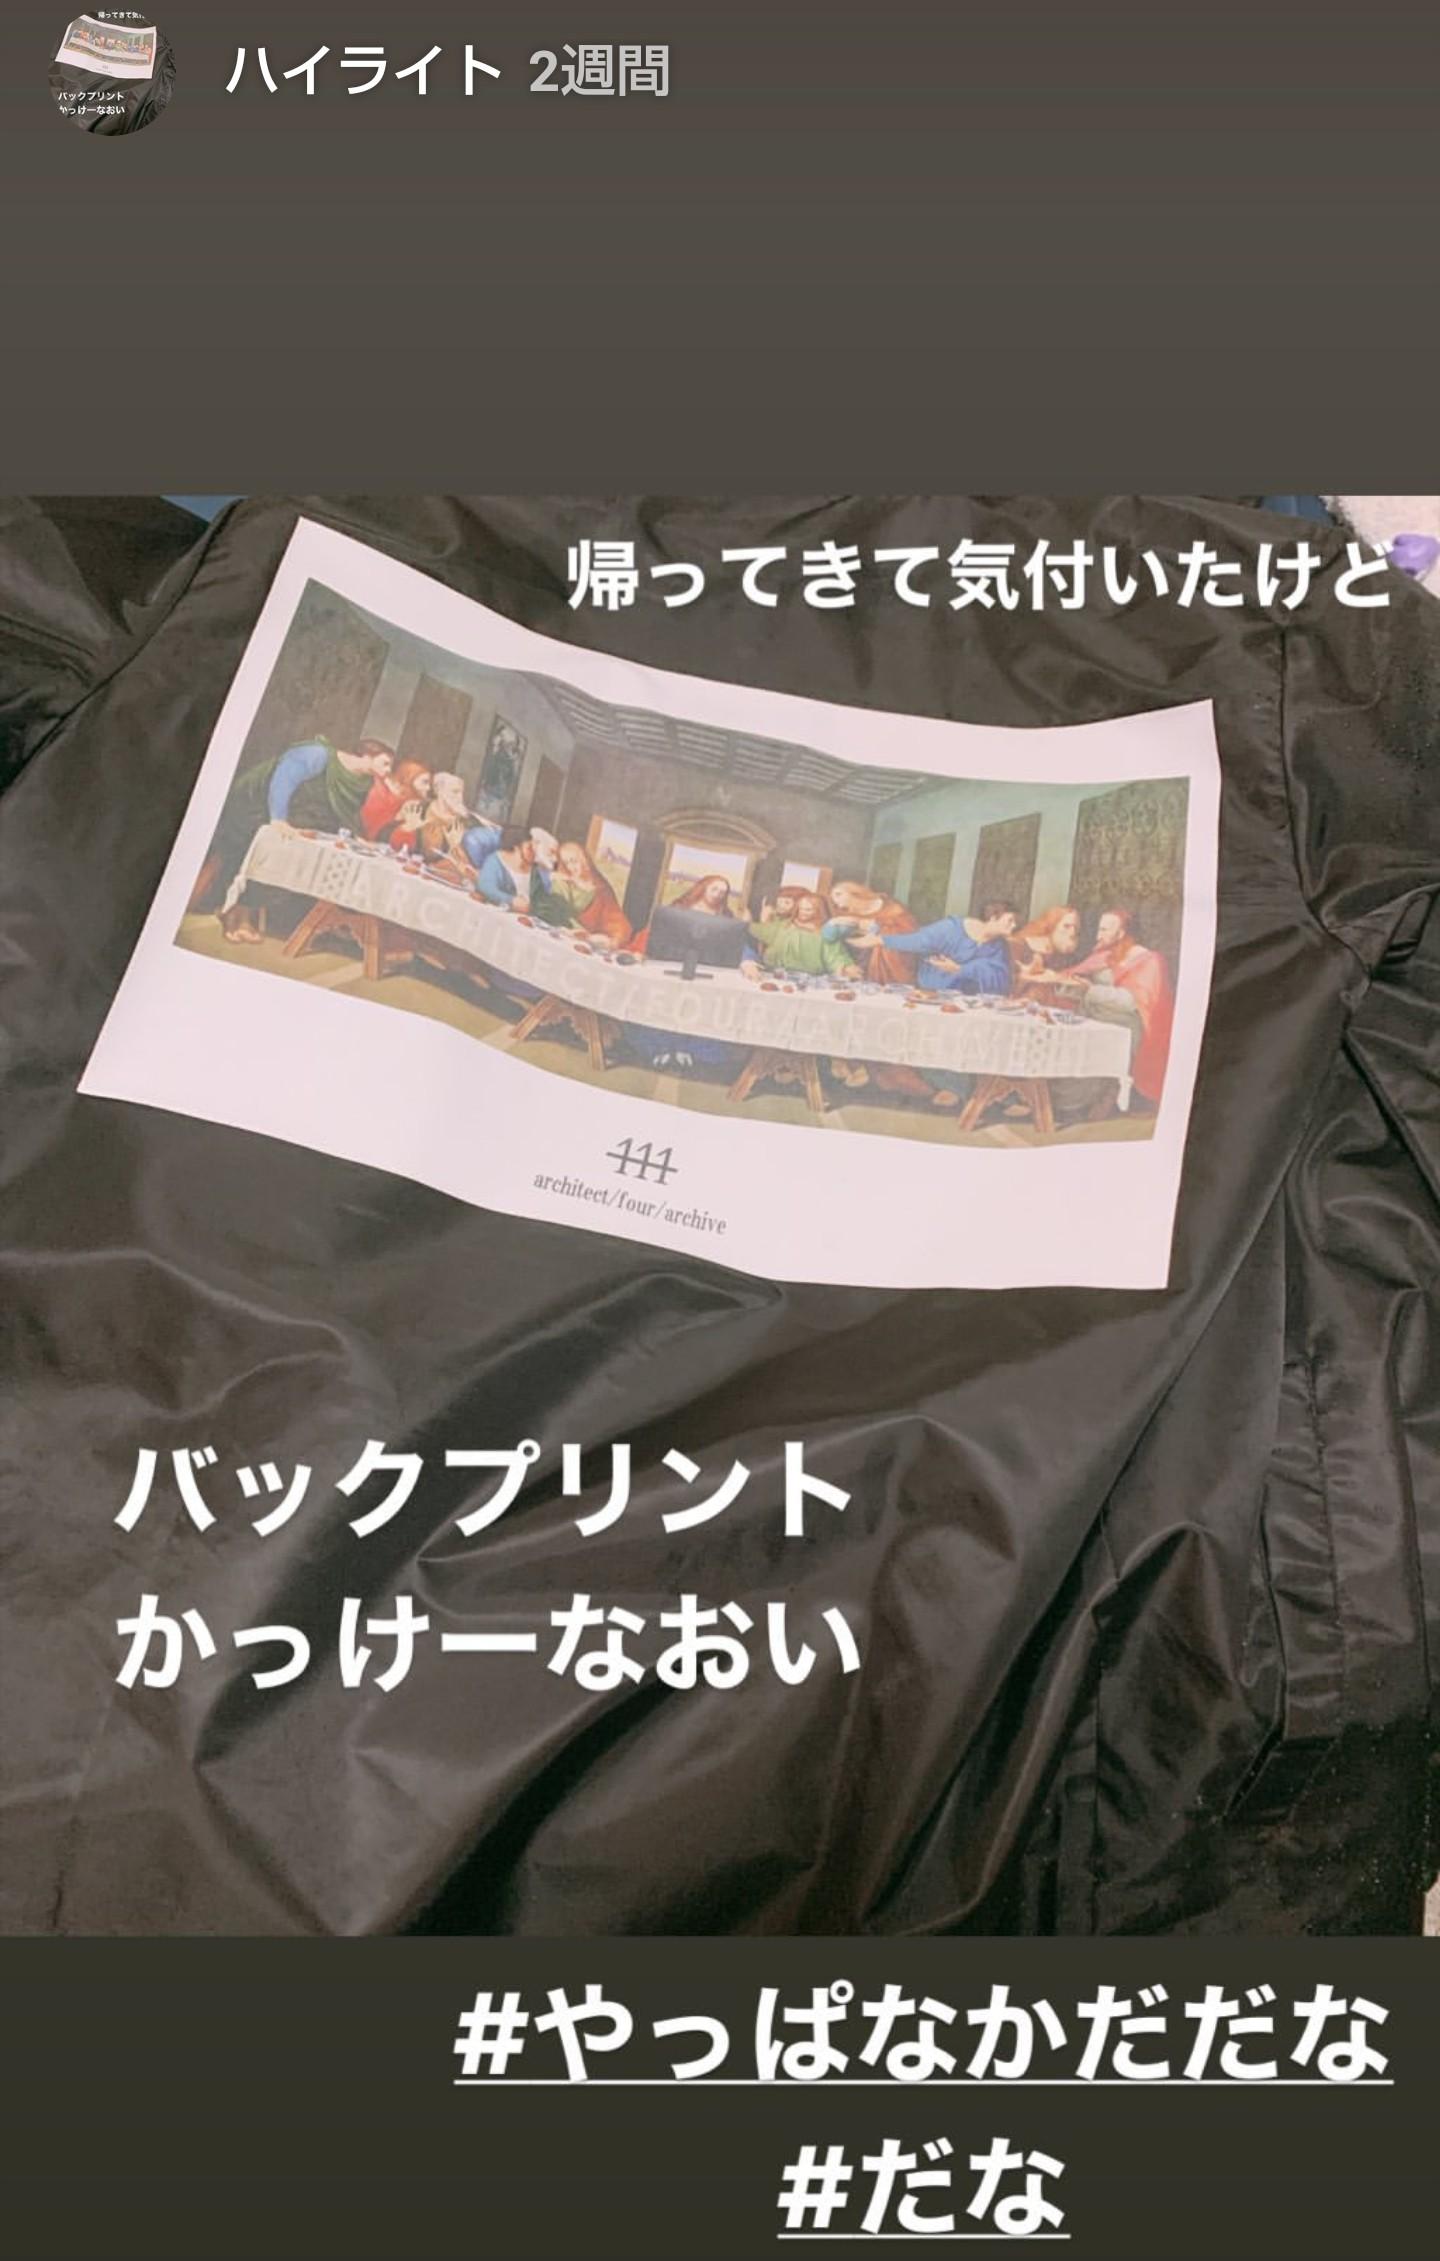 中田花奈、アルコ&ピース酒井への誕生日プレゼントはコーチジャケット